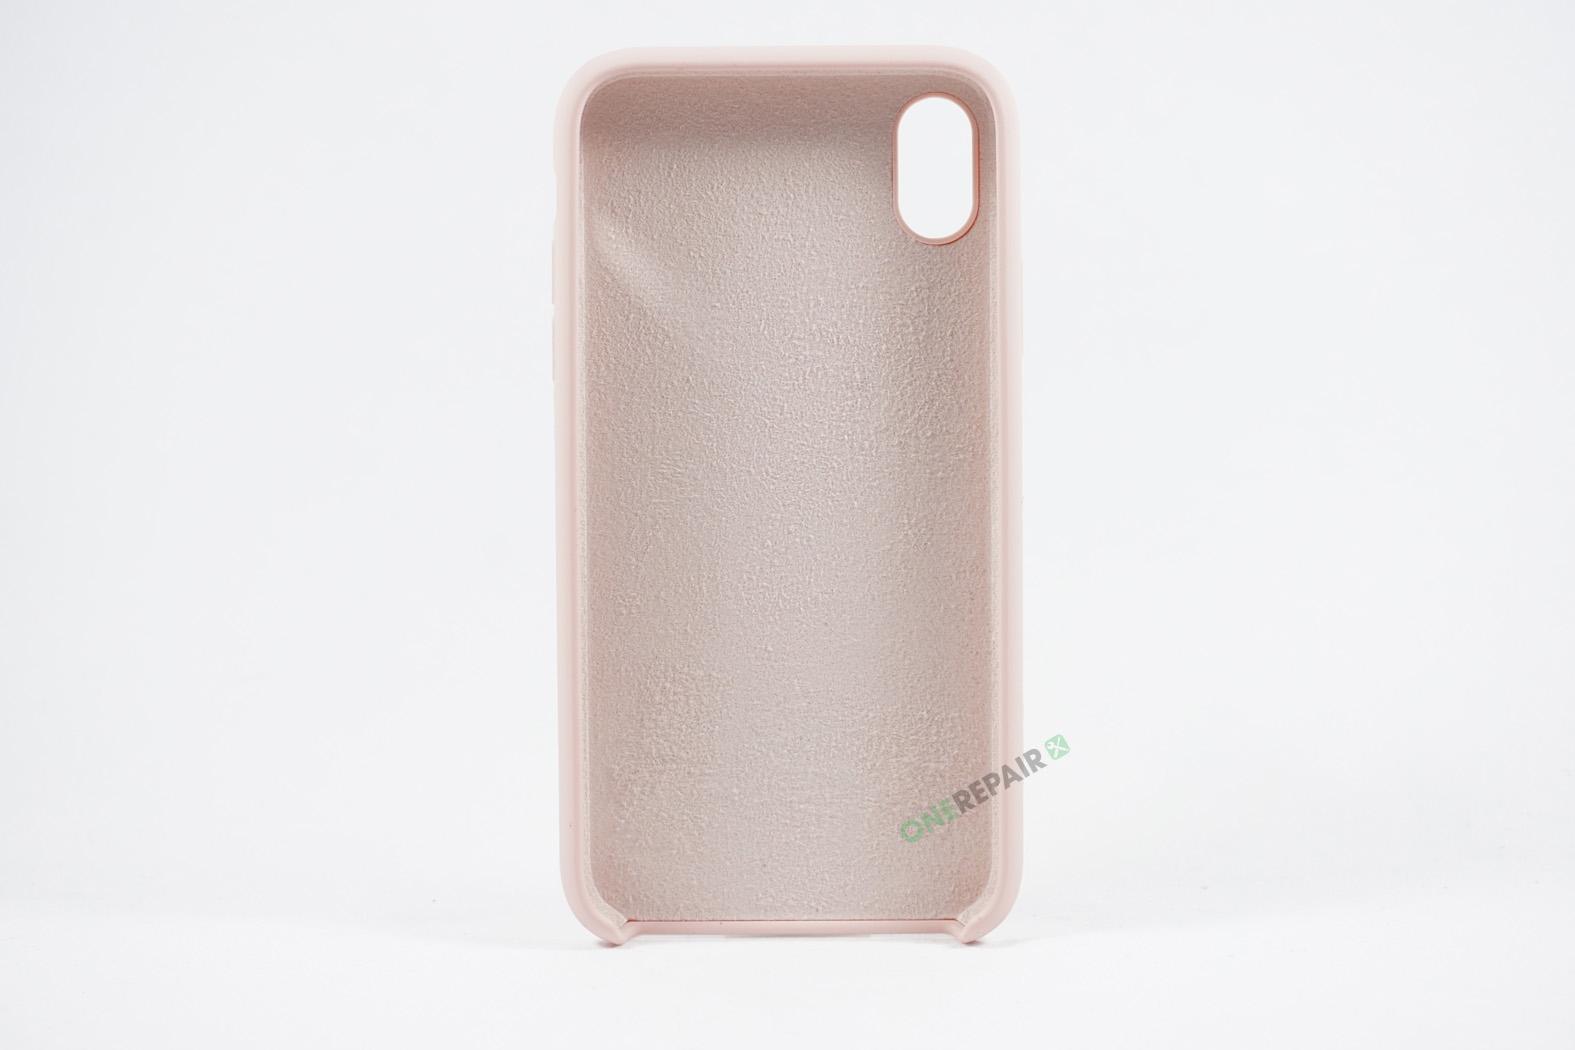 352076_iPhone_XR_Silikonecover_Cover_Beige_Pastel_Lyseroed_Pink_OneRepair_00003